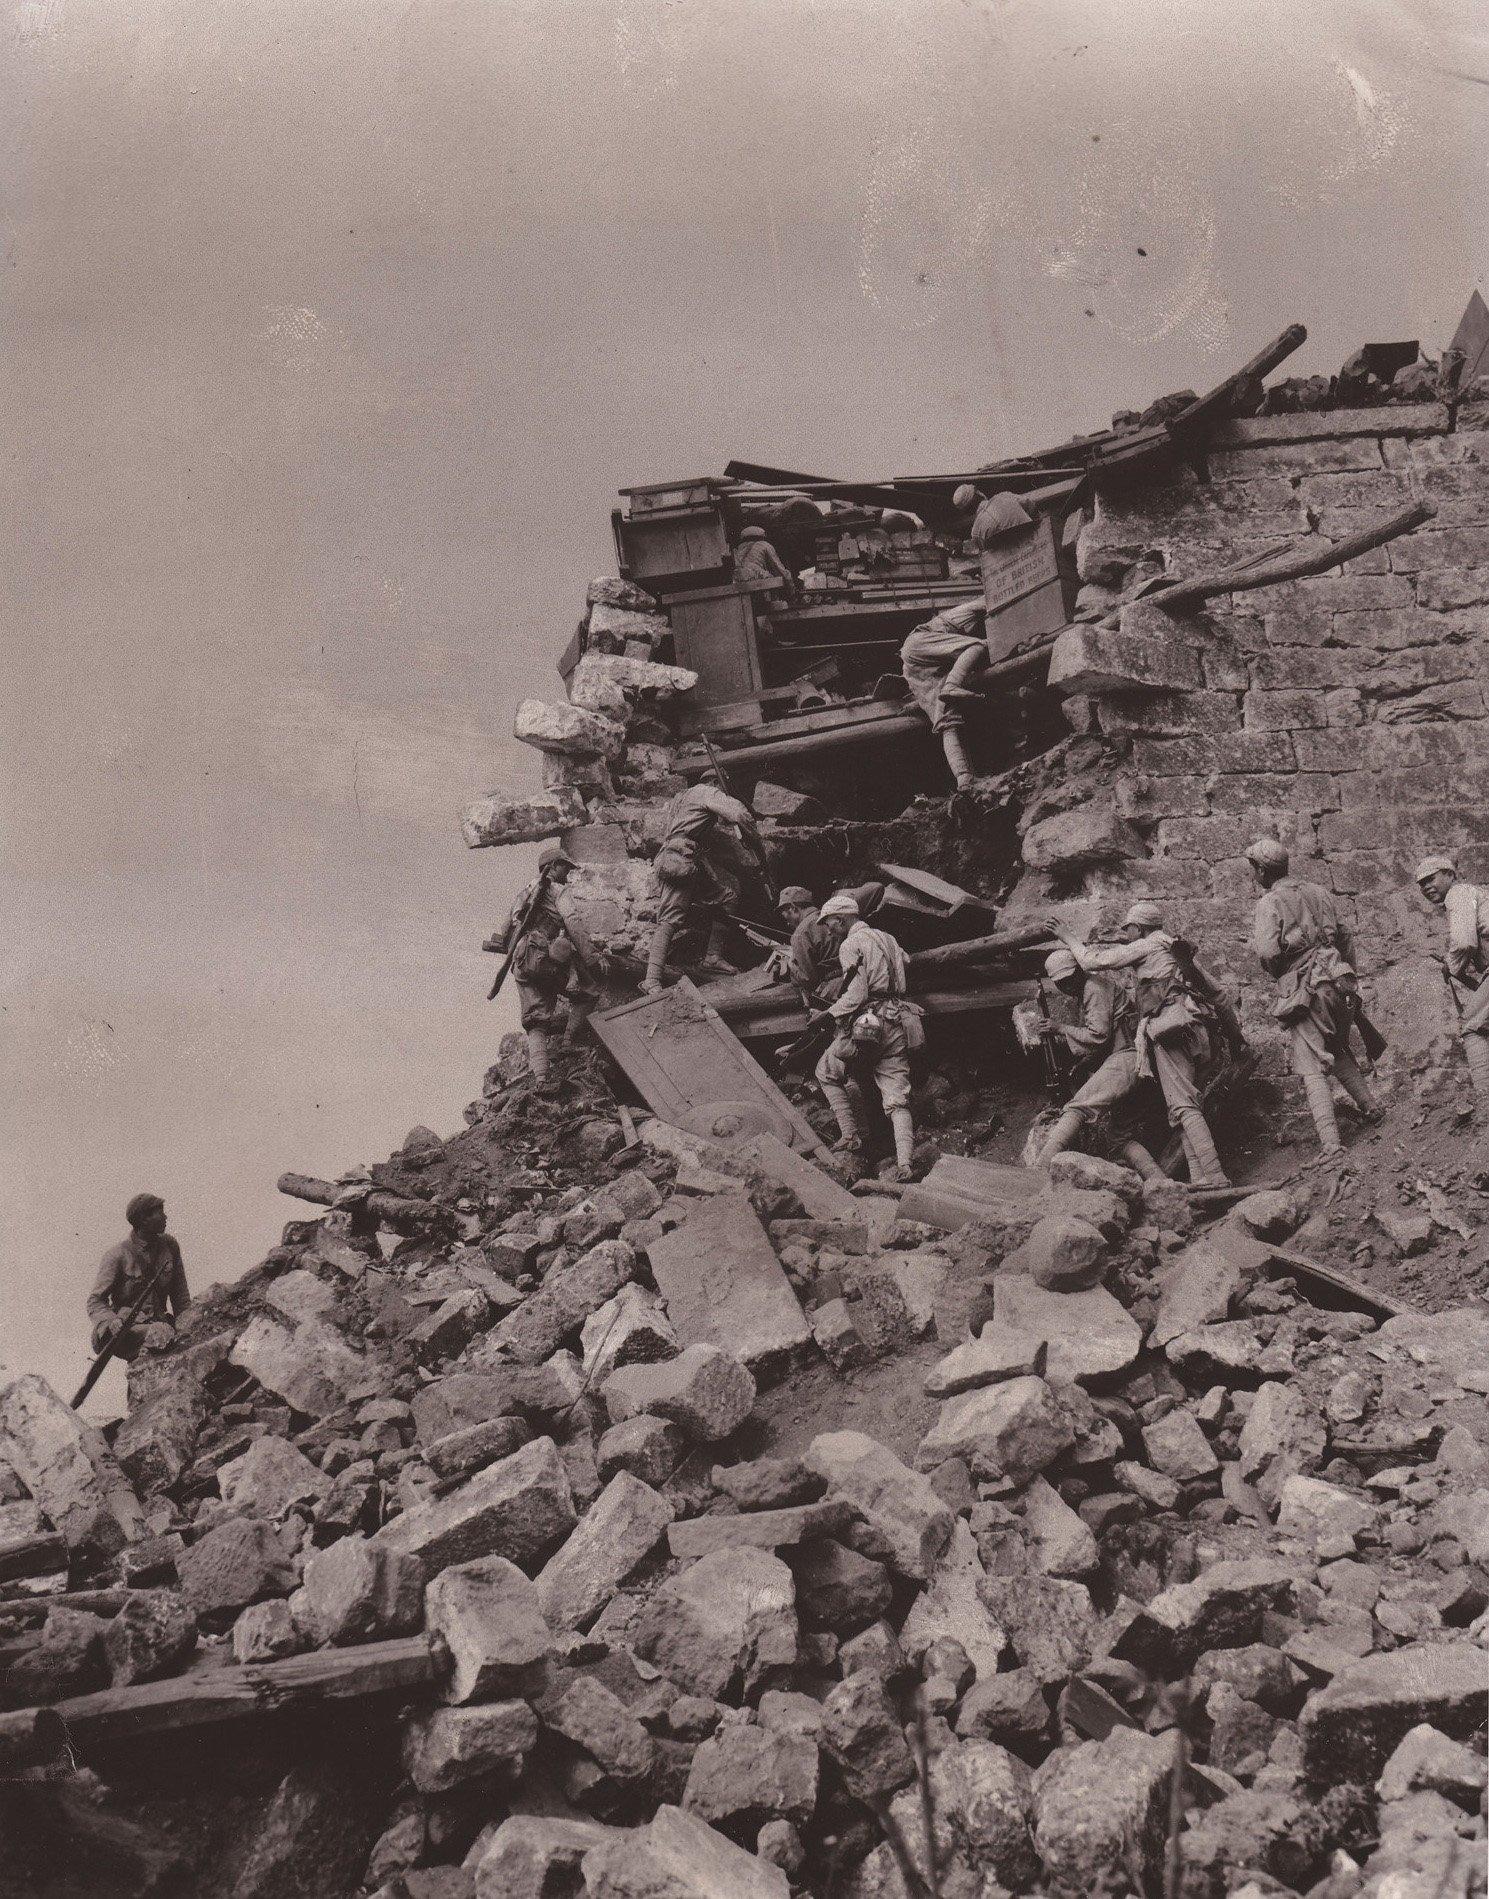 中国士兵正在攀爬损毁了的城墙,远处的硝烟是盟军投掷的手榴弹所致。盟军解放了缅甸以东的第一座中国城市。经过5周的血战,古老的玉石之乡腾冲终于摆脱了日本的统治。弗兰克・坎德拉尔拍摄于1944年10月4日,收录于战争影像库。